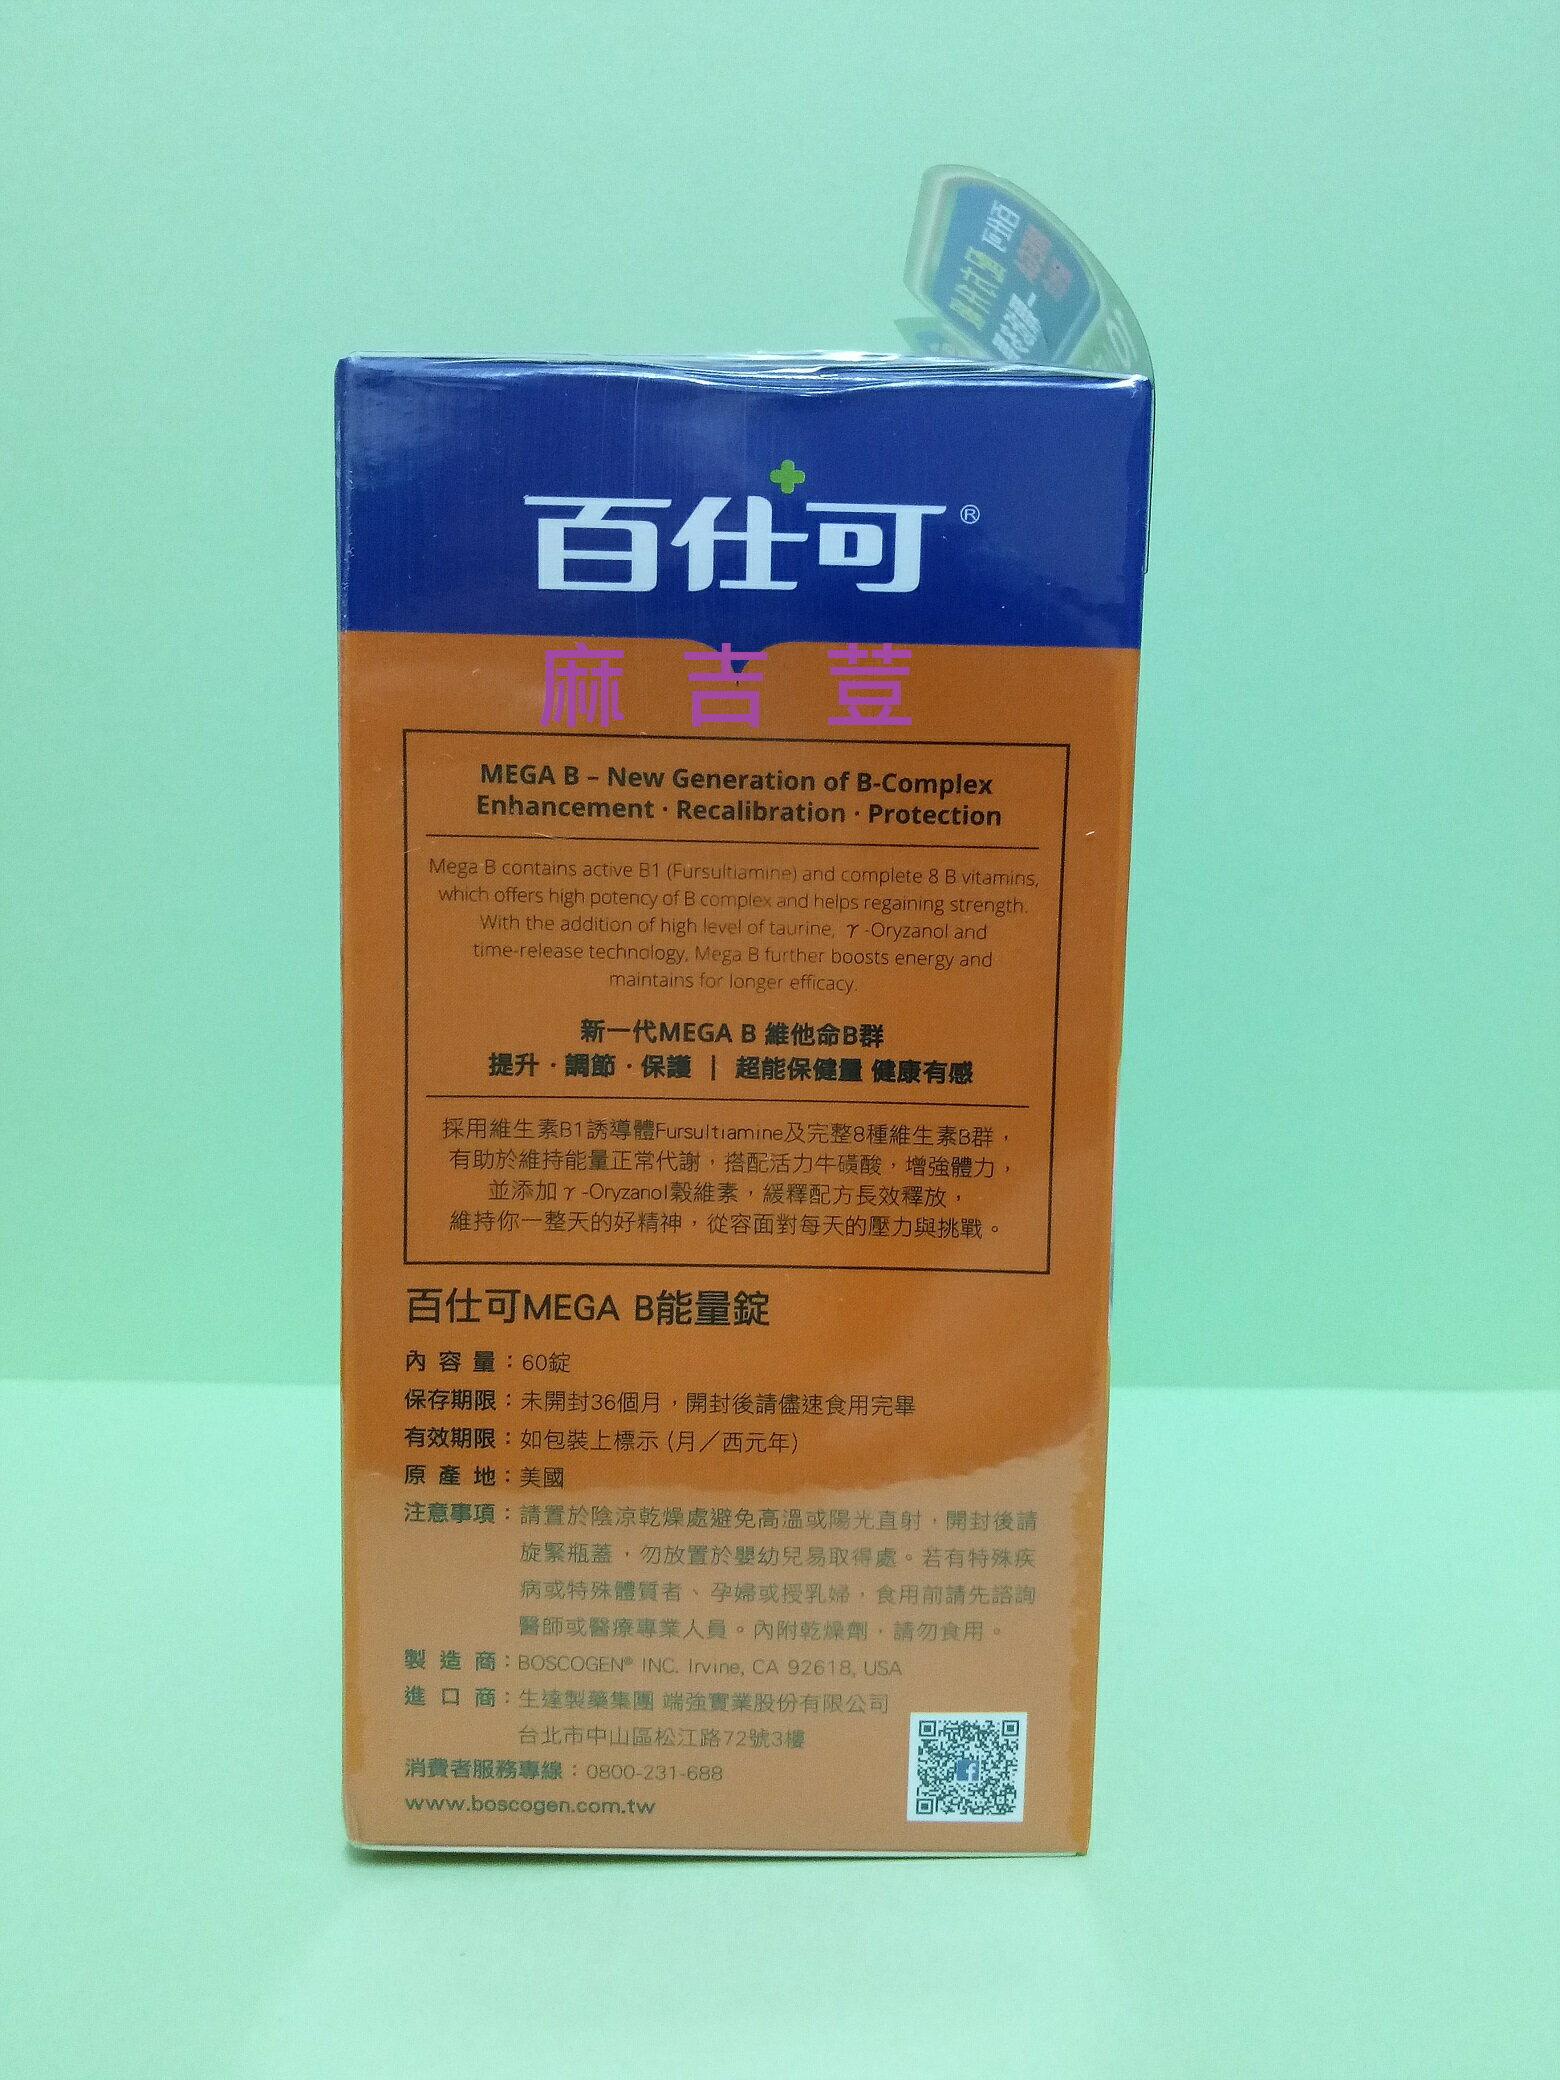 百仕可MEGA B能量錠 配方升級 一顆抵多顆 10小時長效 美國原裝進口(全素可食) 2